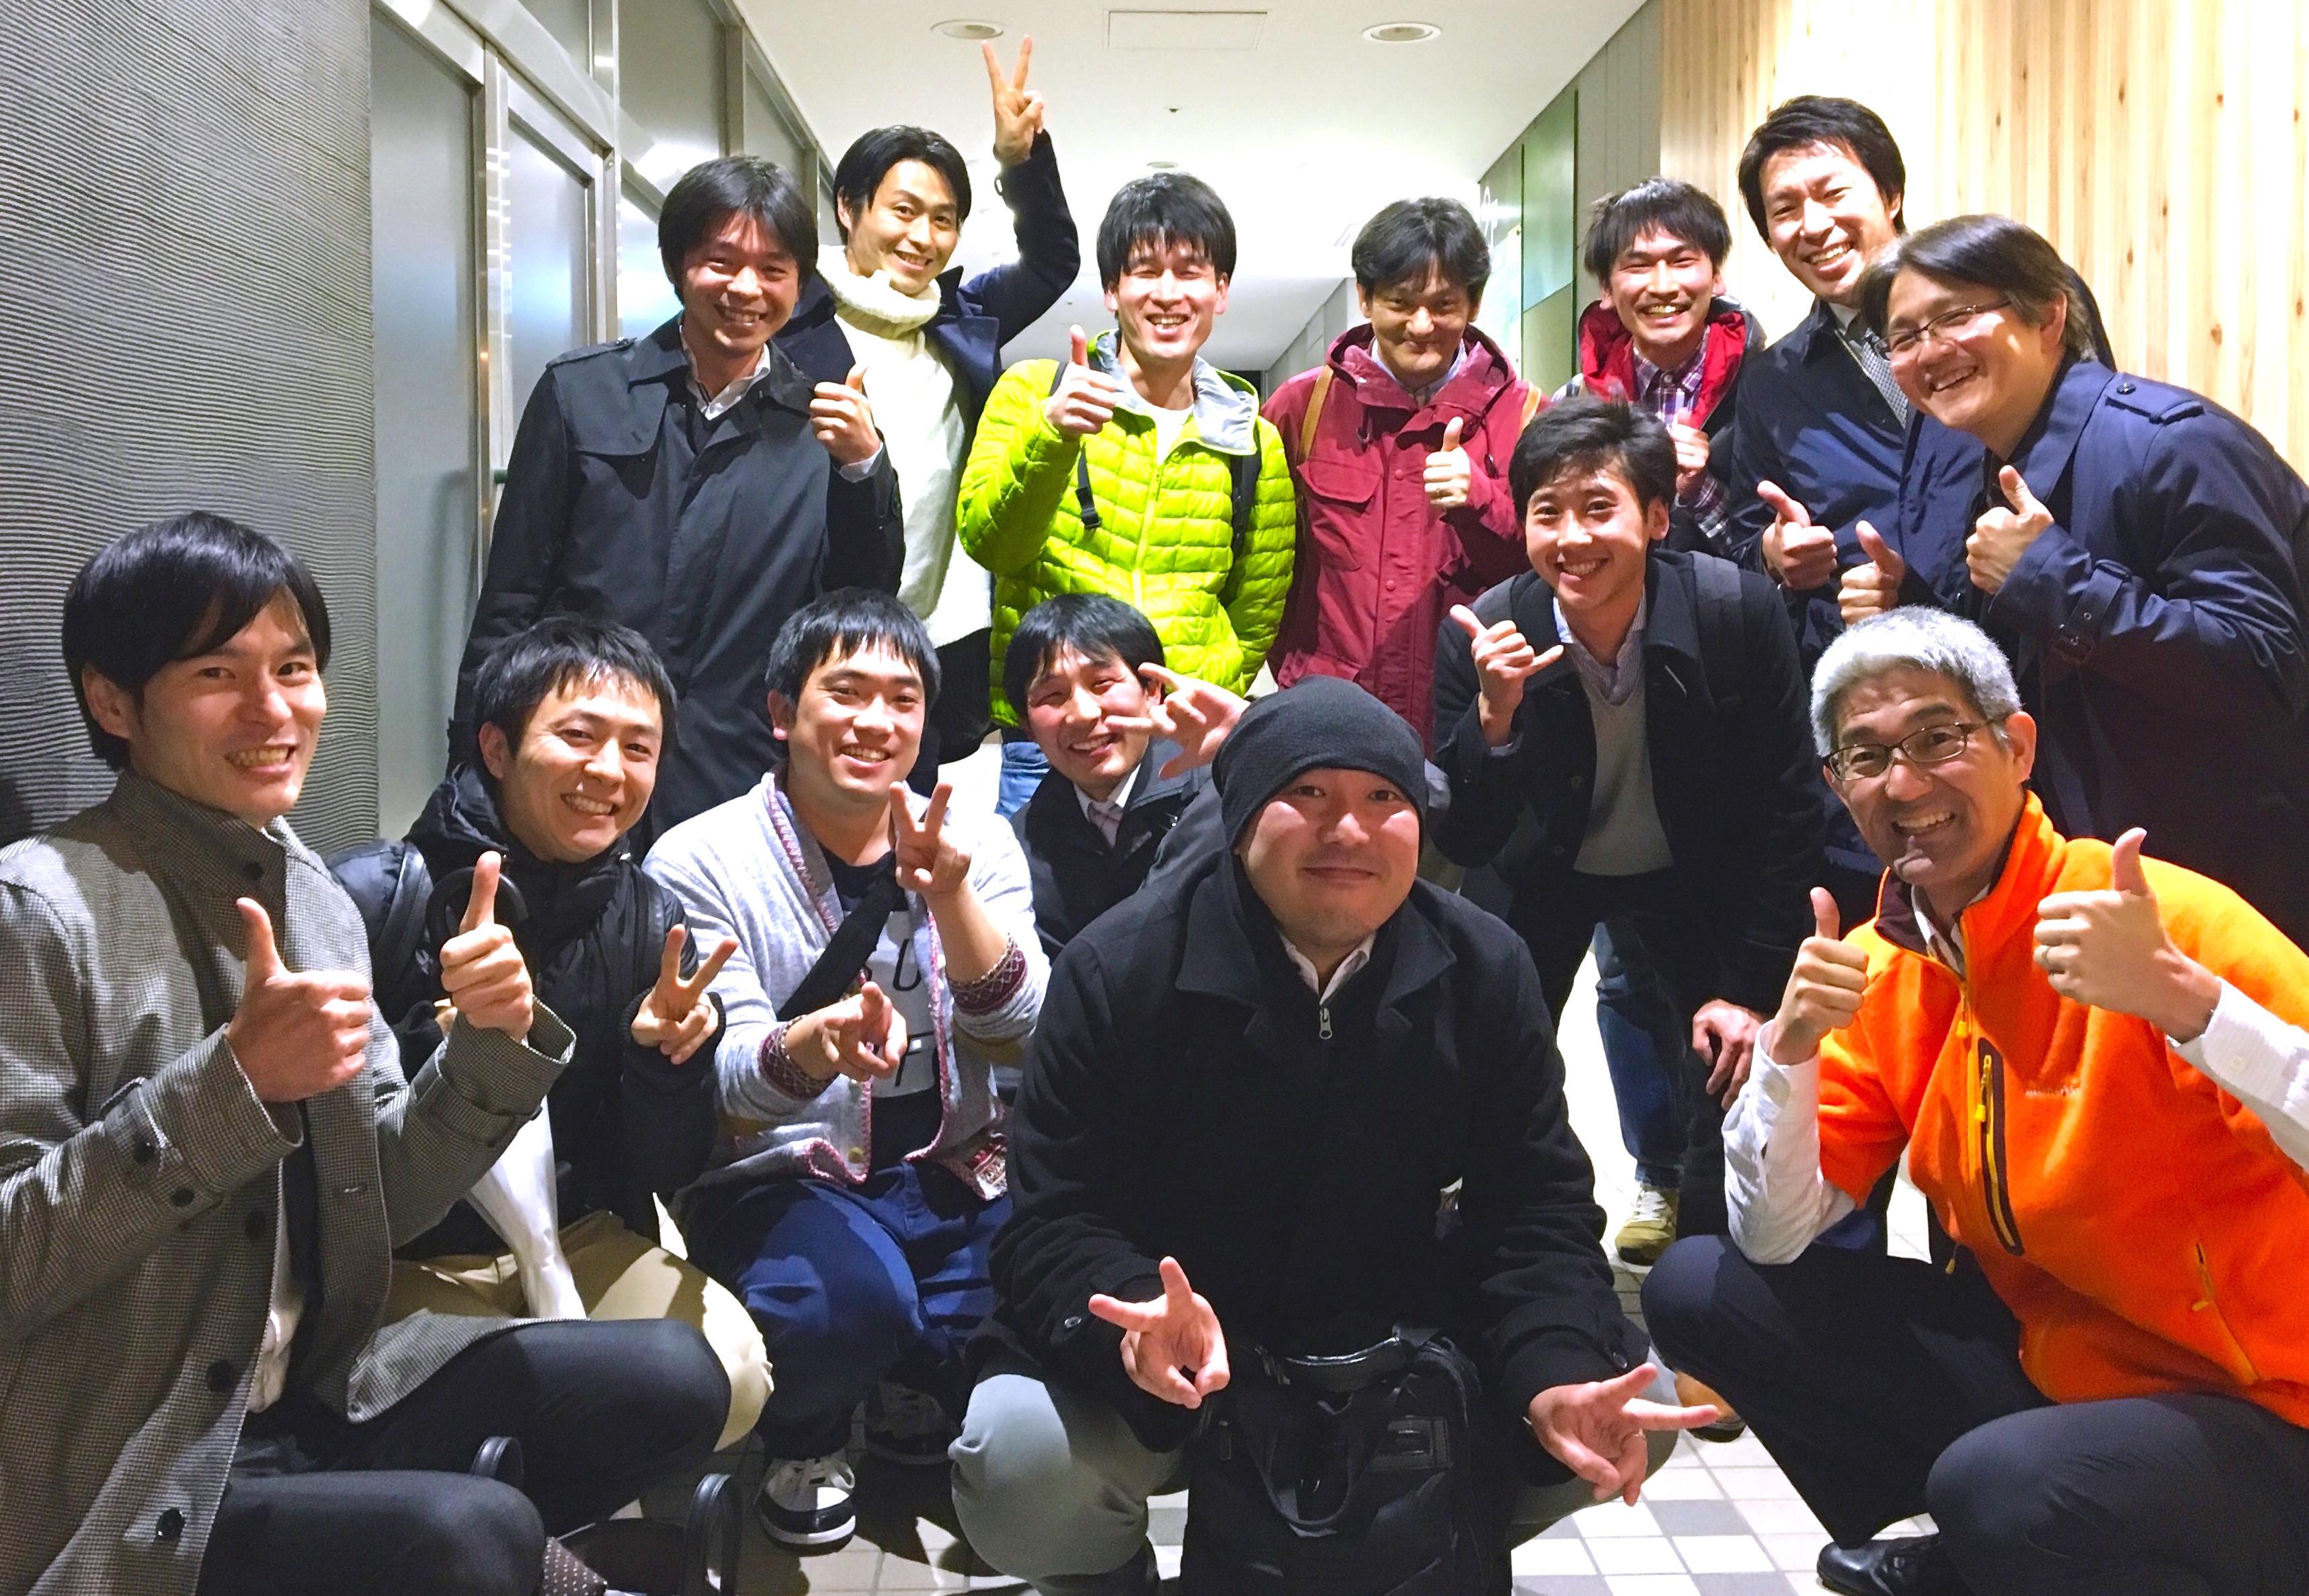 今年も横浜パパ講師トレーニングで熱い夜を